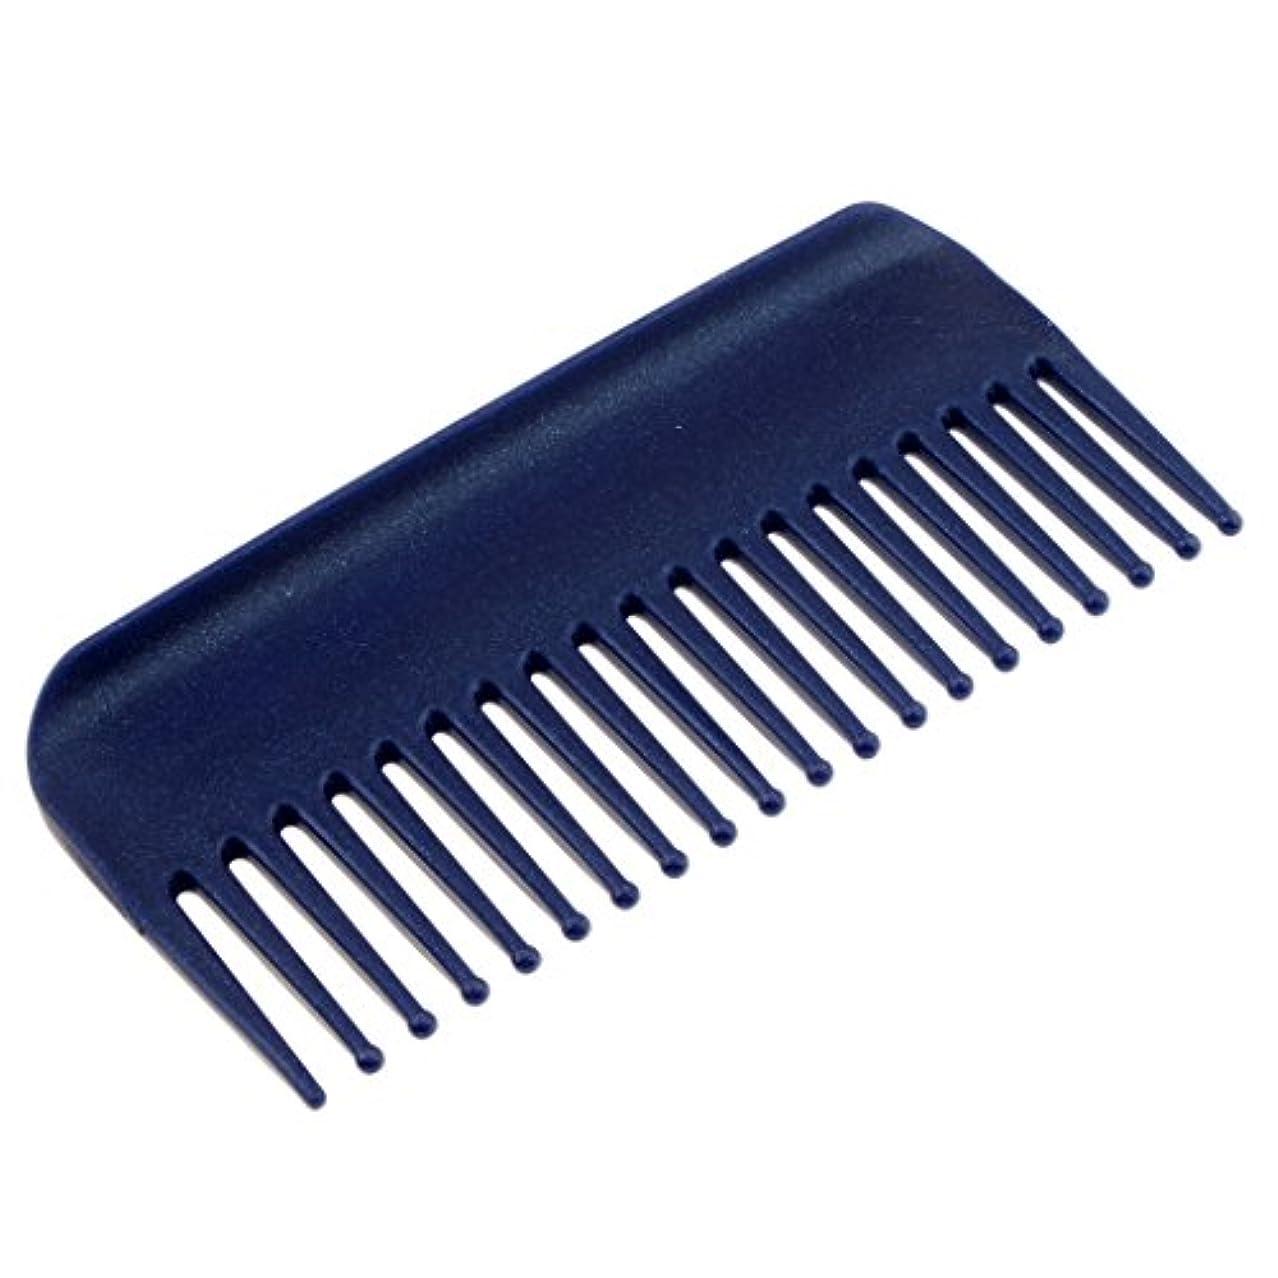 望む顕著カストディアンヘアブラシ ヘアコーム コーム 櫛 くし 頭皮 マッサージ 耐熱性 帯電防止 高品質 4色選べる - 青